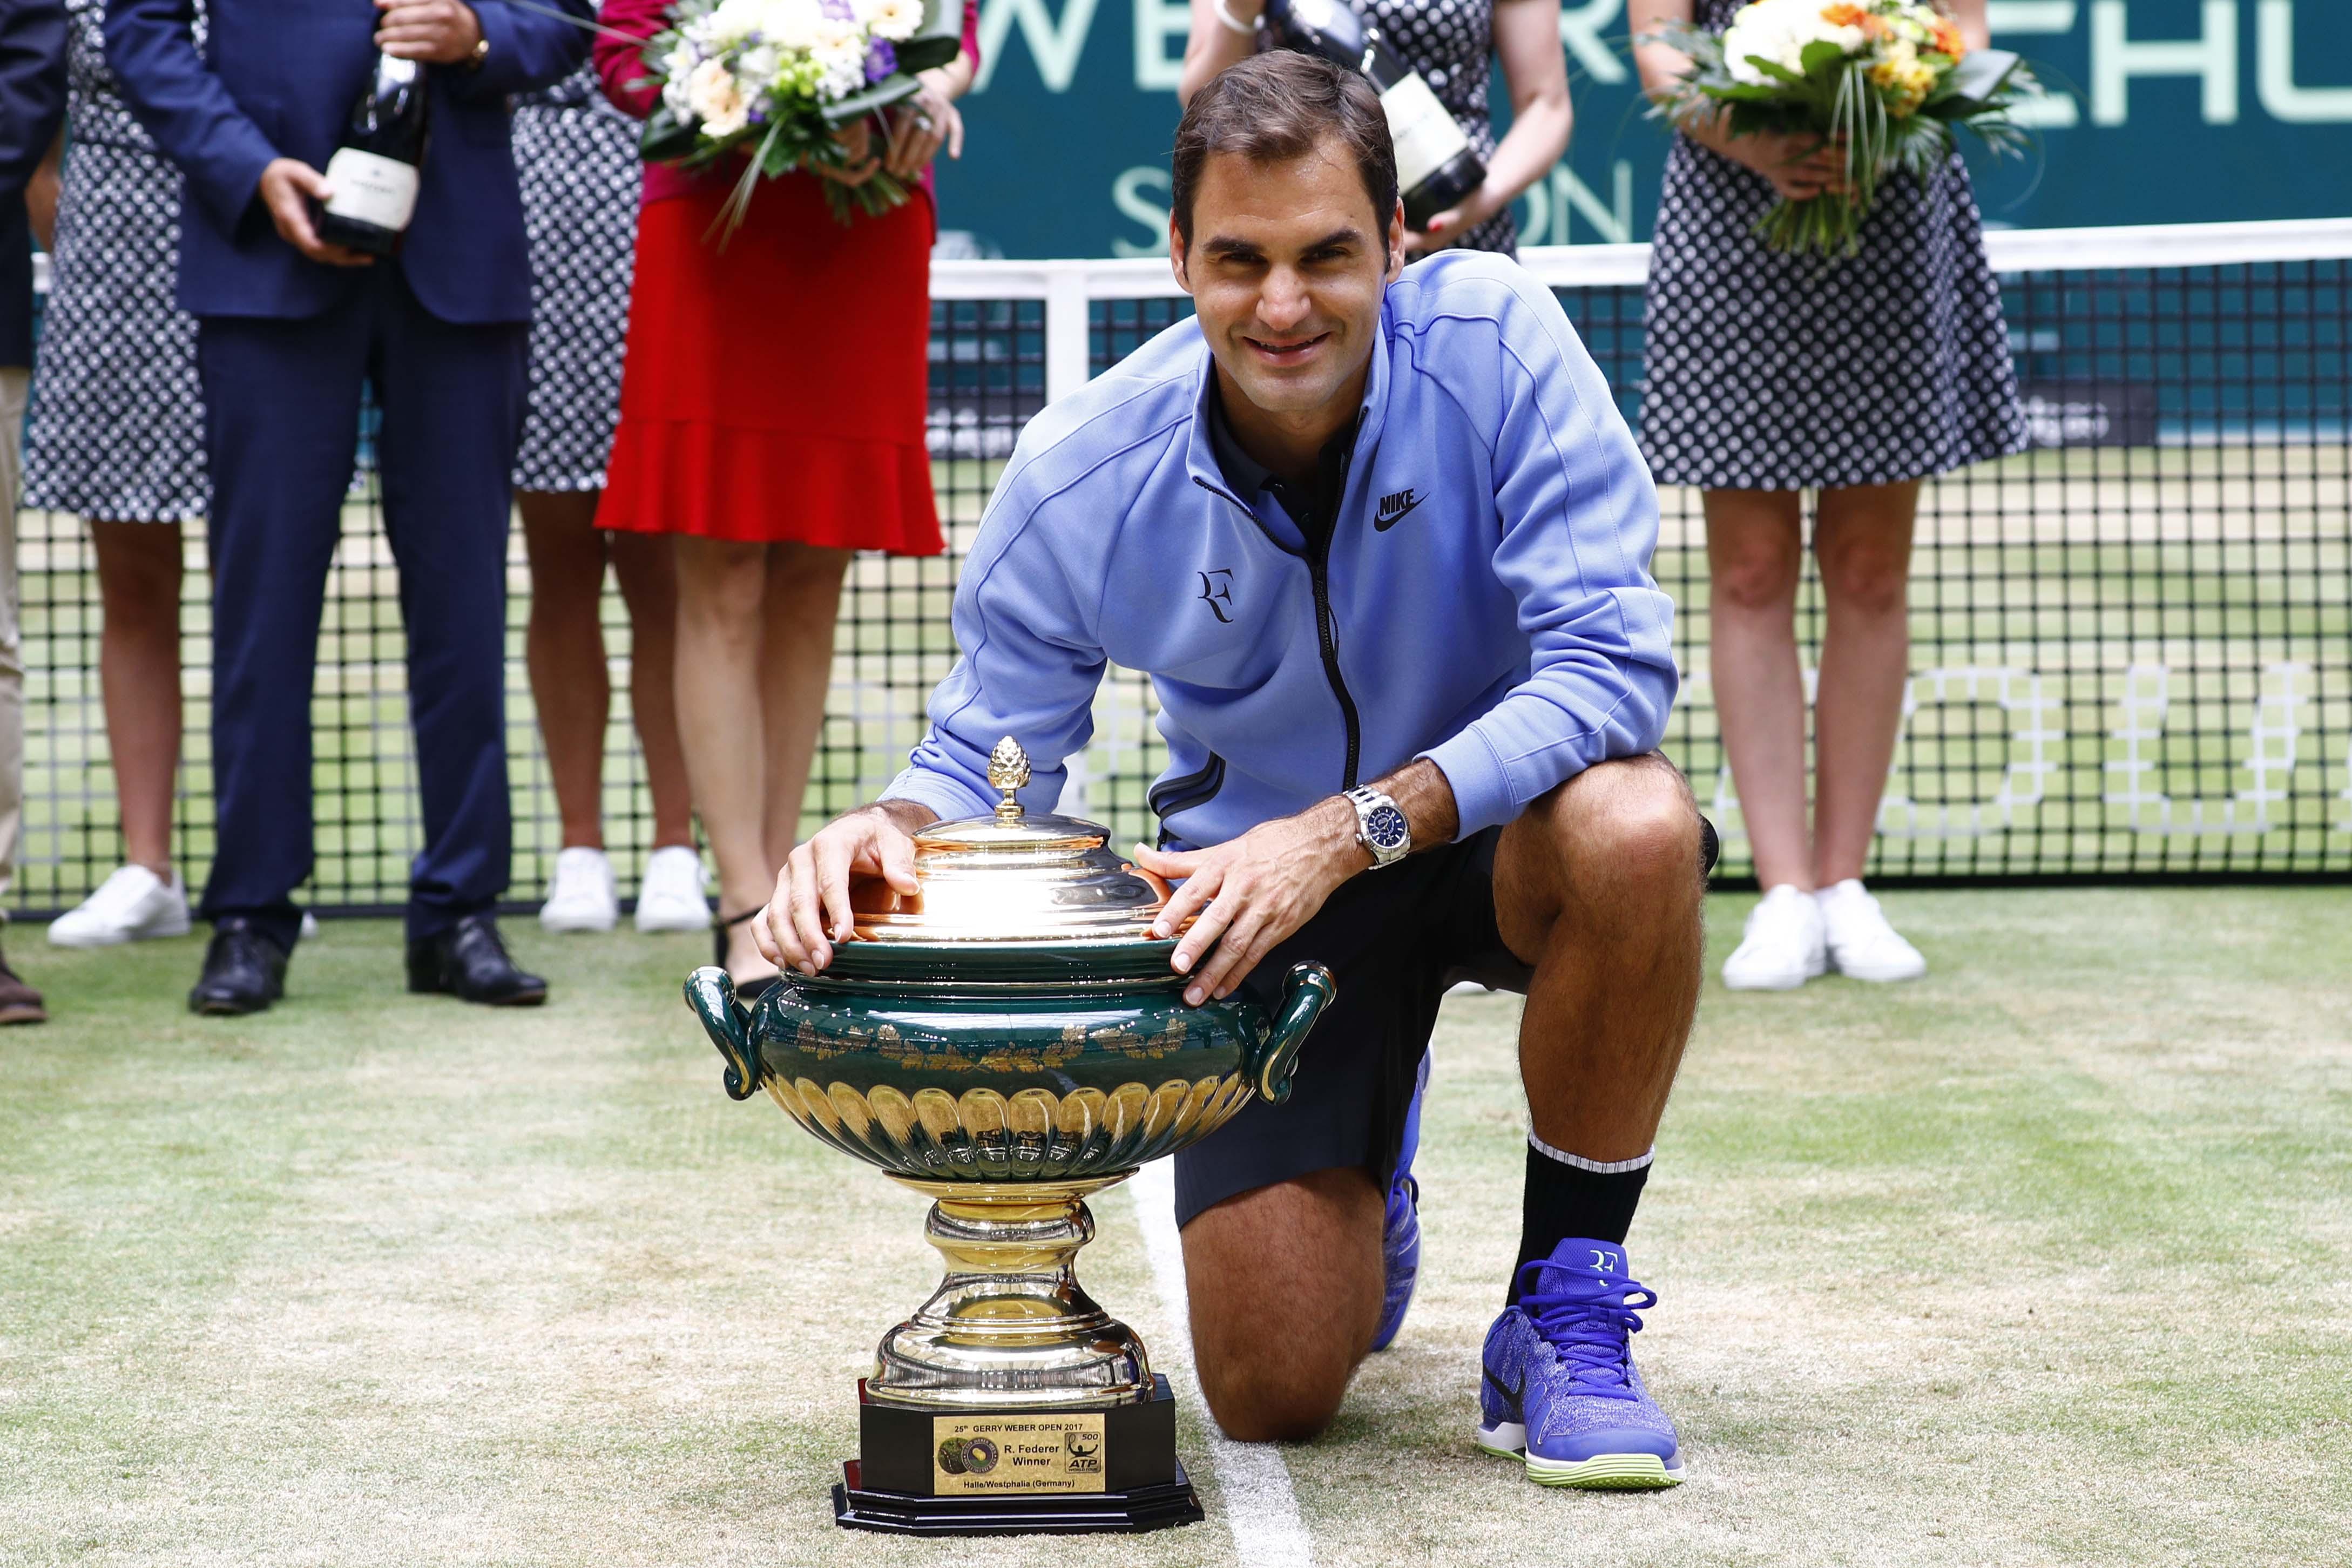 Roger Federer verzichtete auf die Sandplatzsaison und konzentrierte sich stattdessen auf Rasen. In Halle sicherte der Schweizer sich seinen neunten Titel.